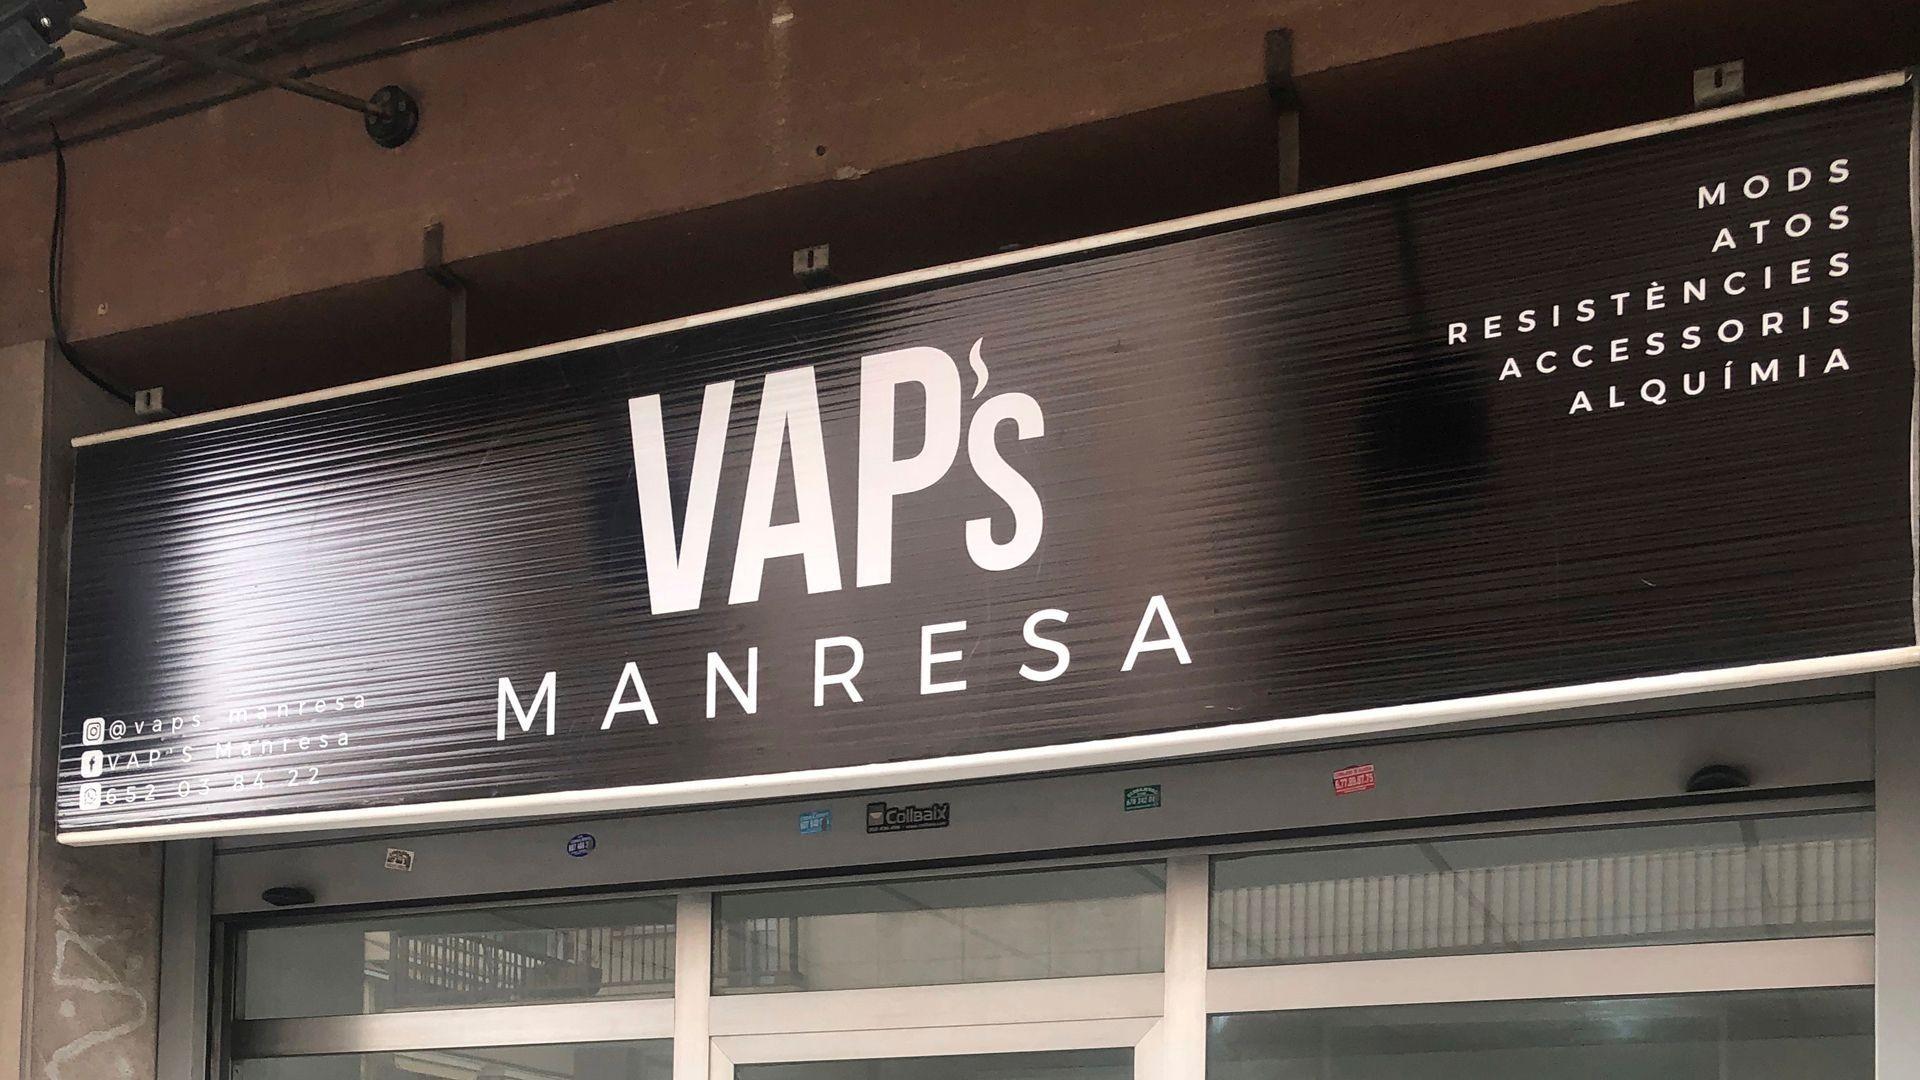 Tienda de vaporizadores y cigarrillos electrónicos en Manresa